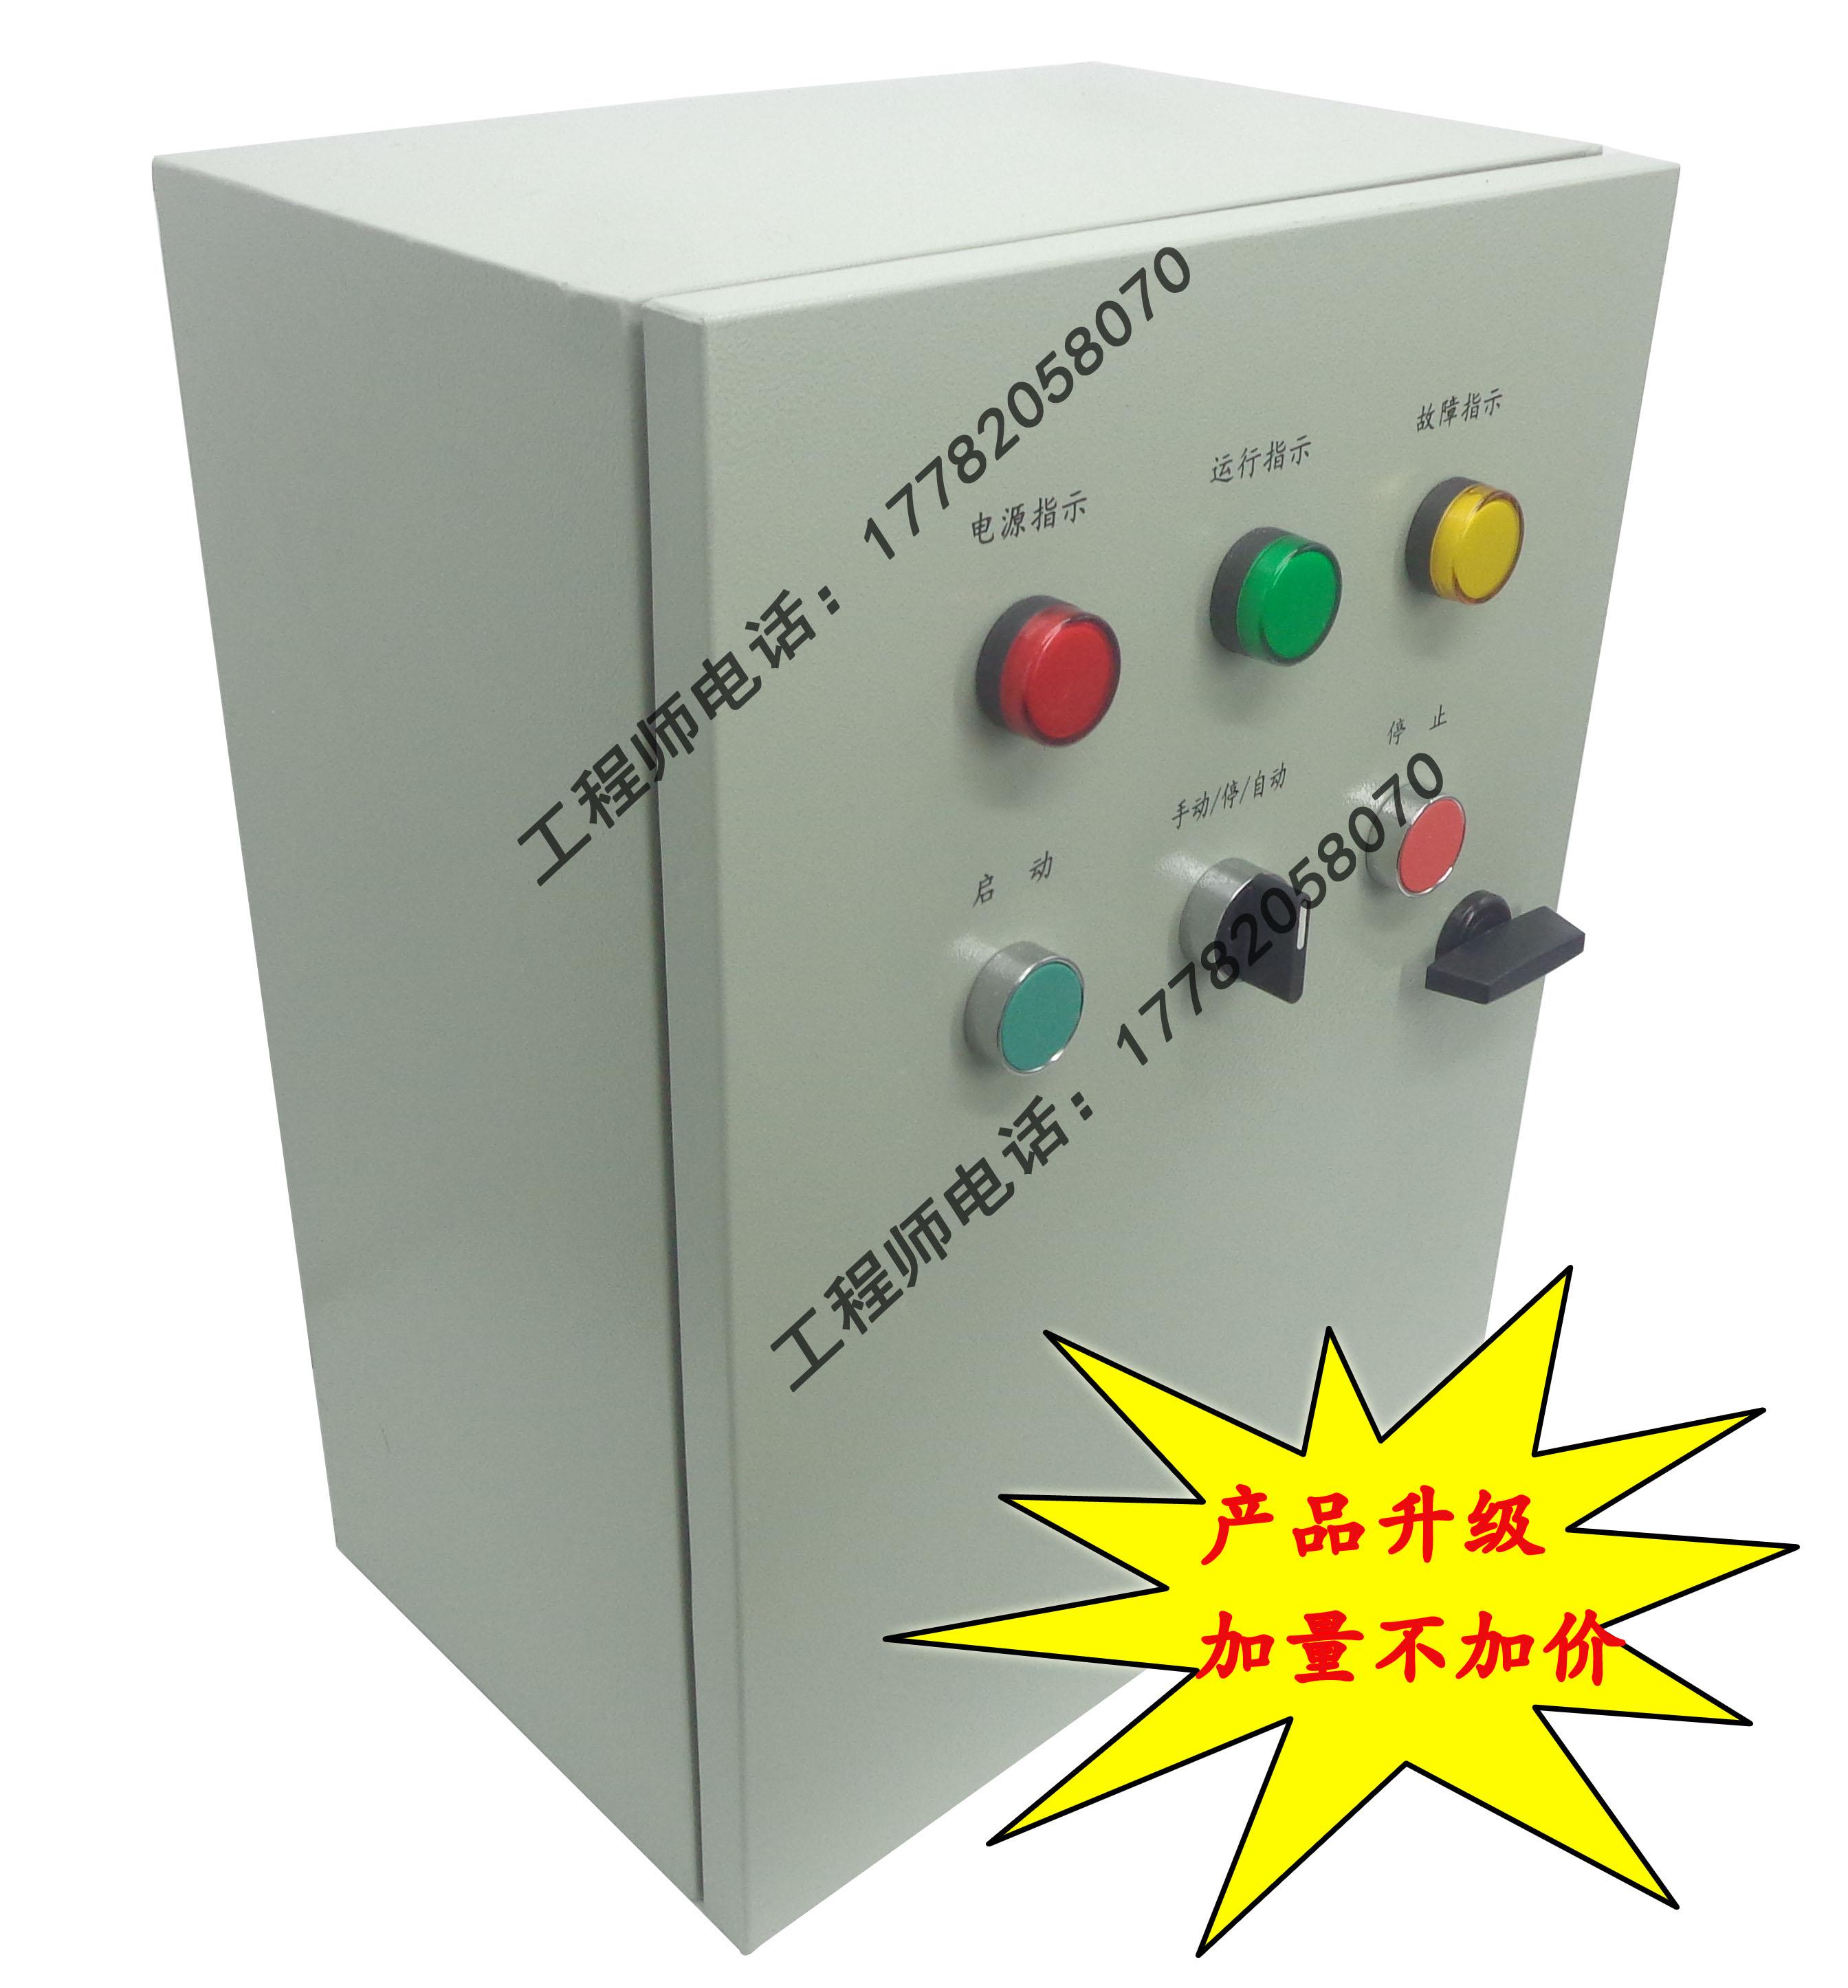 一控一排污 稳压 水泵 风机控制柜箱5.5KW压力表带3C证书厂家直销